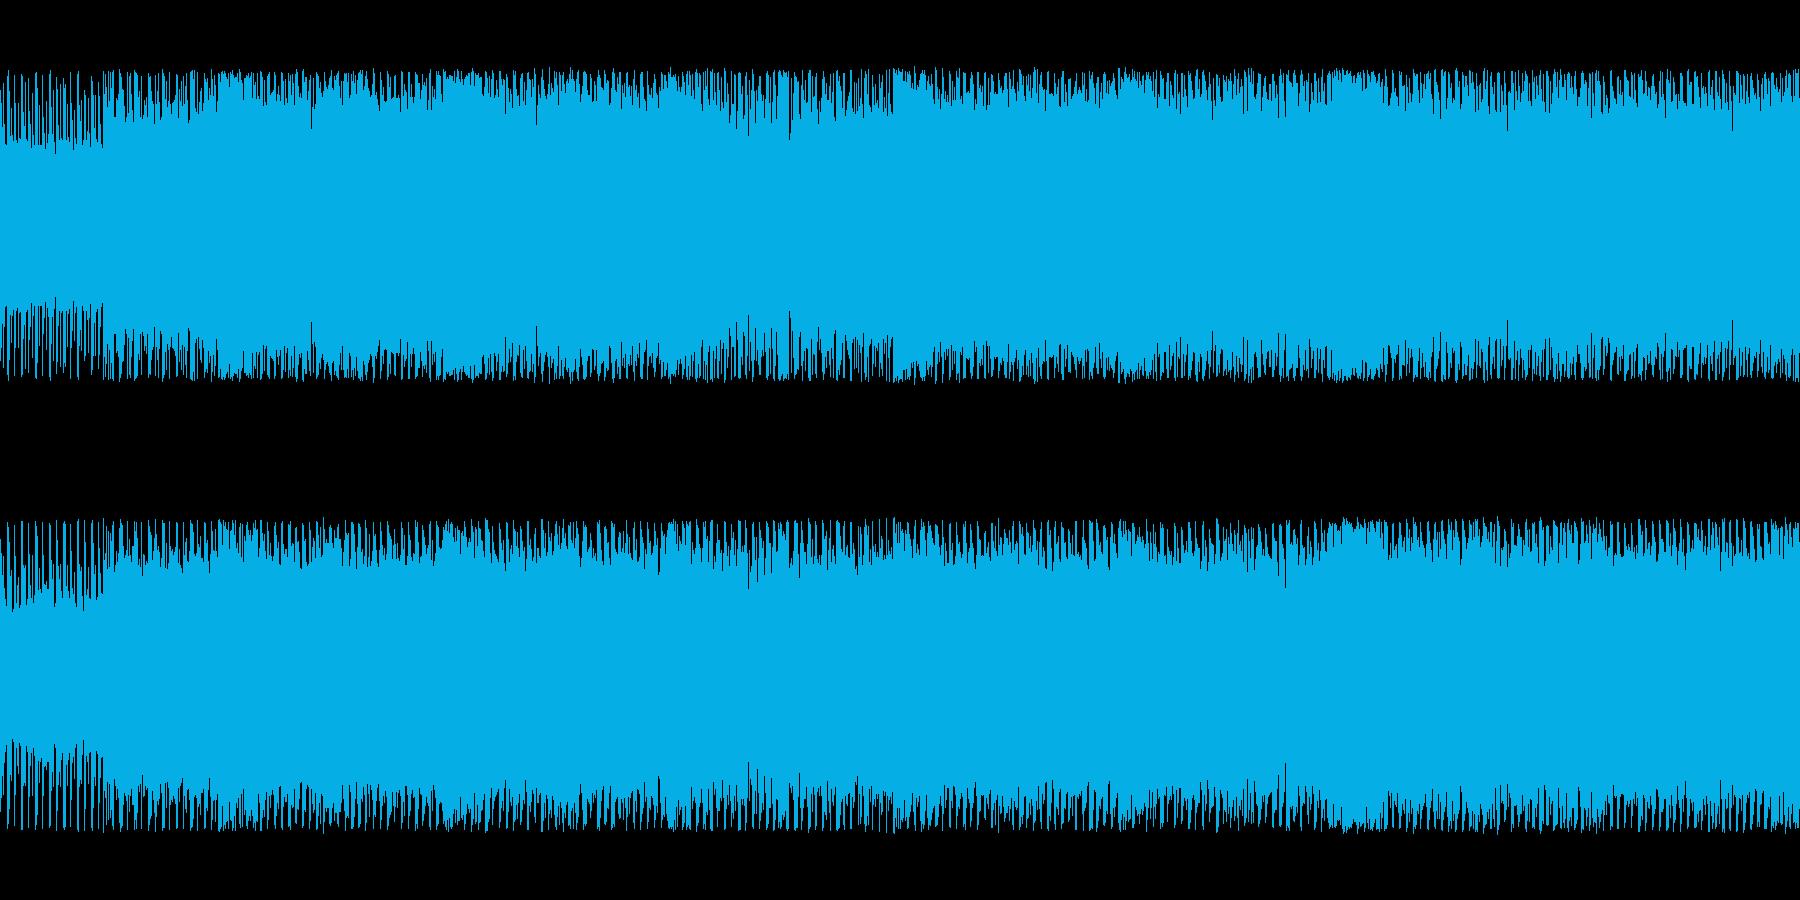 シリアスな四つ打ちチップチューンサウンドの再生済みの波形